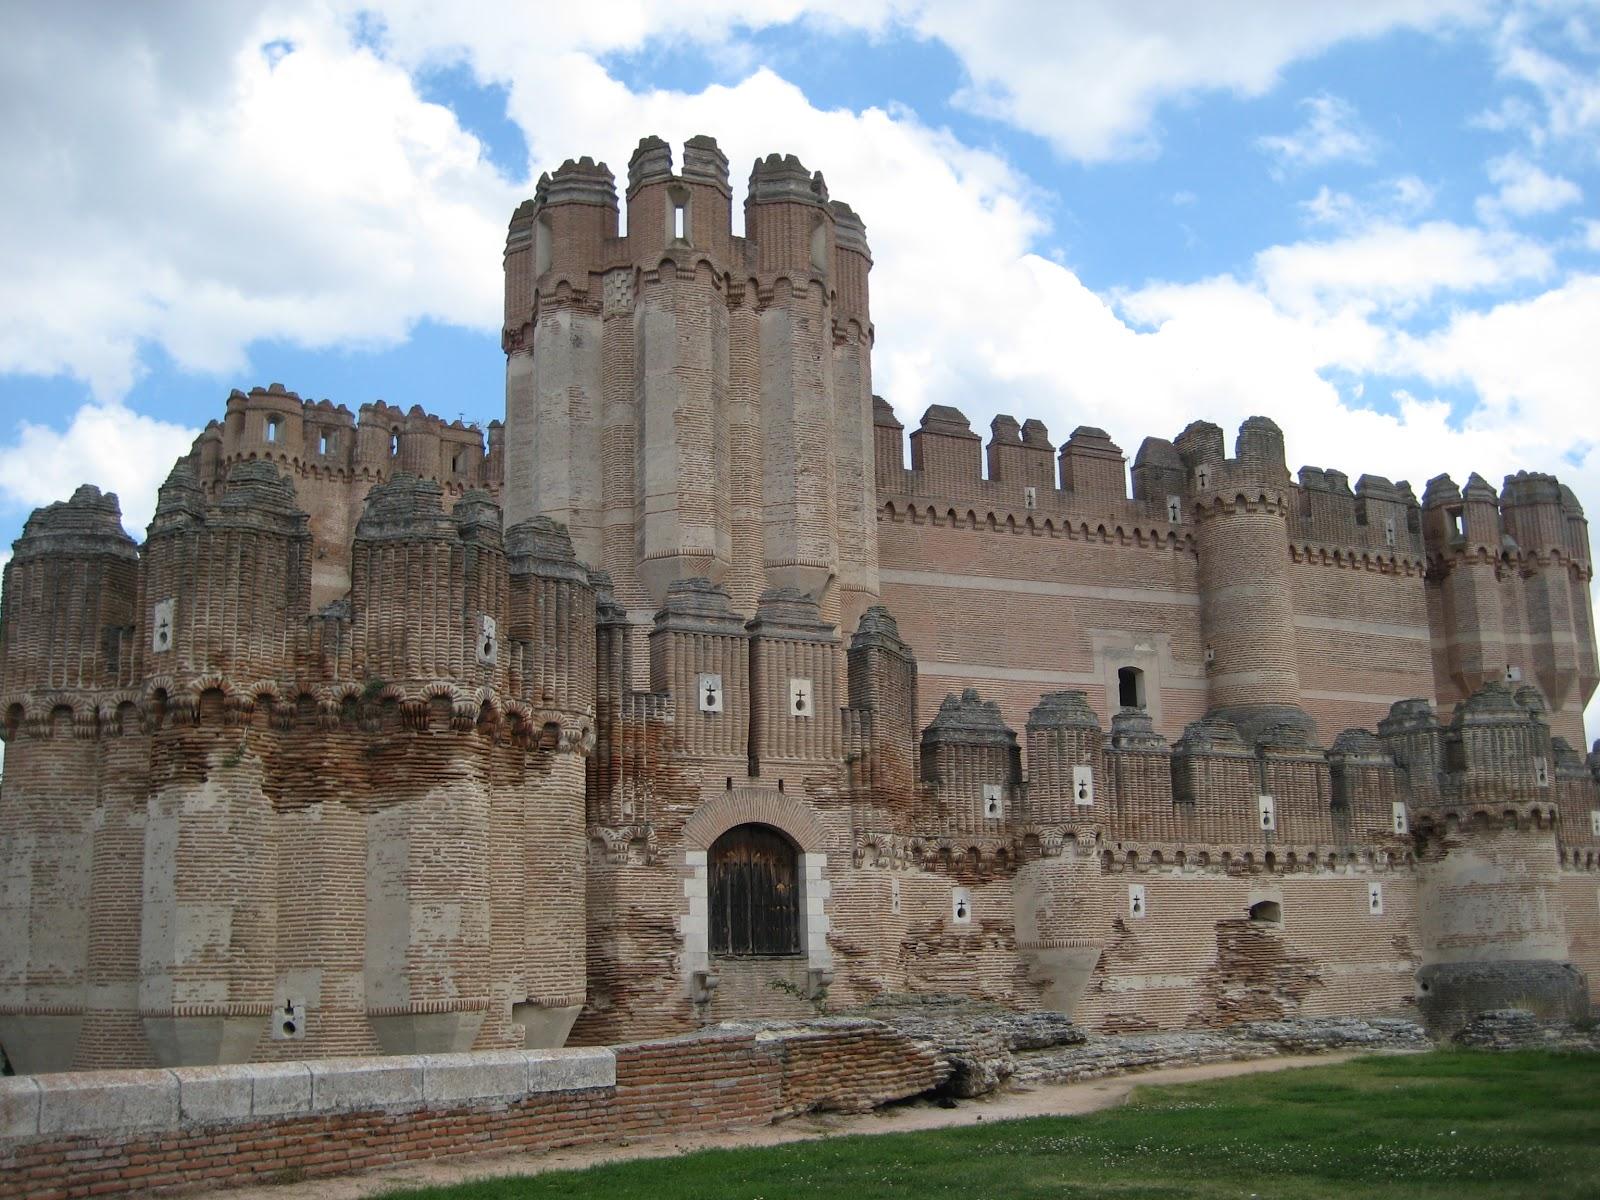 Great Castles of Europe: Castles in Spain